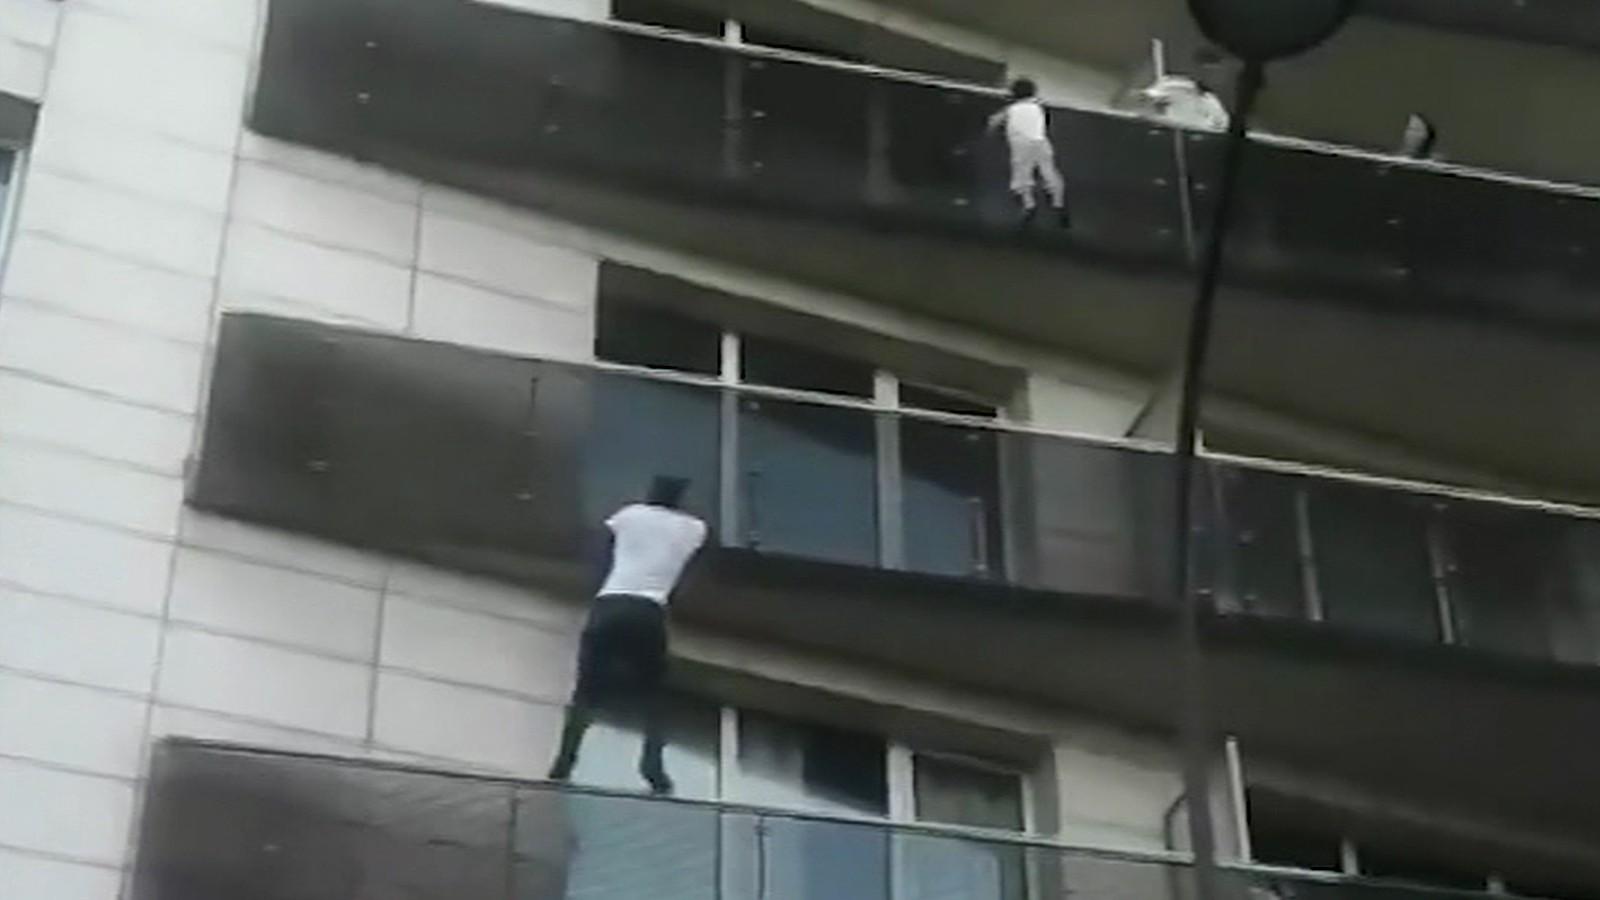 Bé trai 12 tuổi nguy kịch vì tai nạn hy hữu khi đang phơi đồ và bài học cảnh giác cho những người sống ở chung cư cao tầng - Ảnh 2.